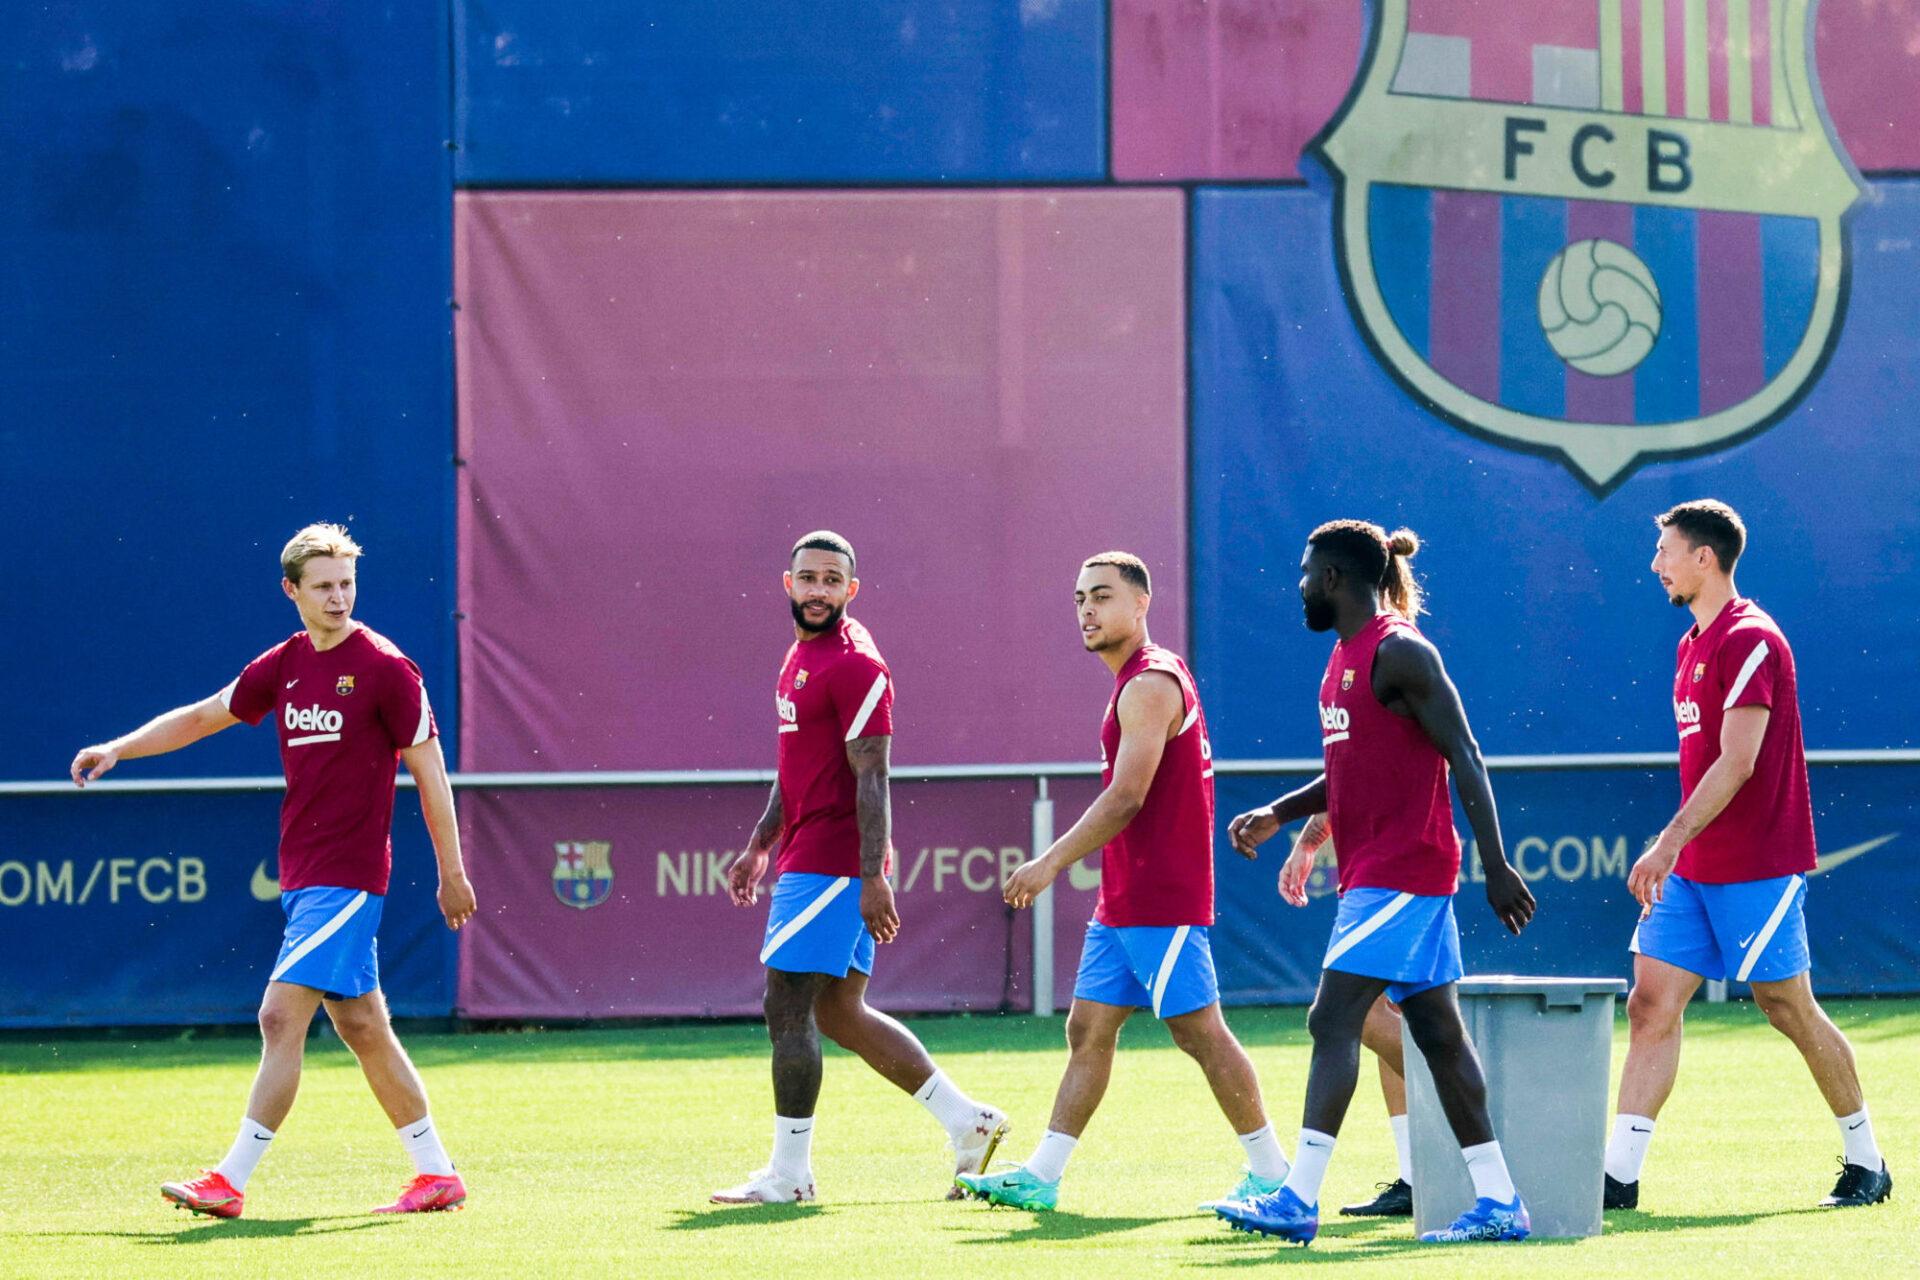 Le FC Barcelona est prêt à gagner de grands titres ? (Photo by Icon Sport)